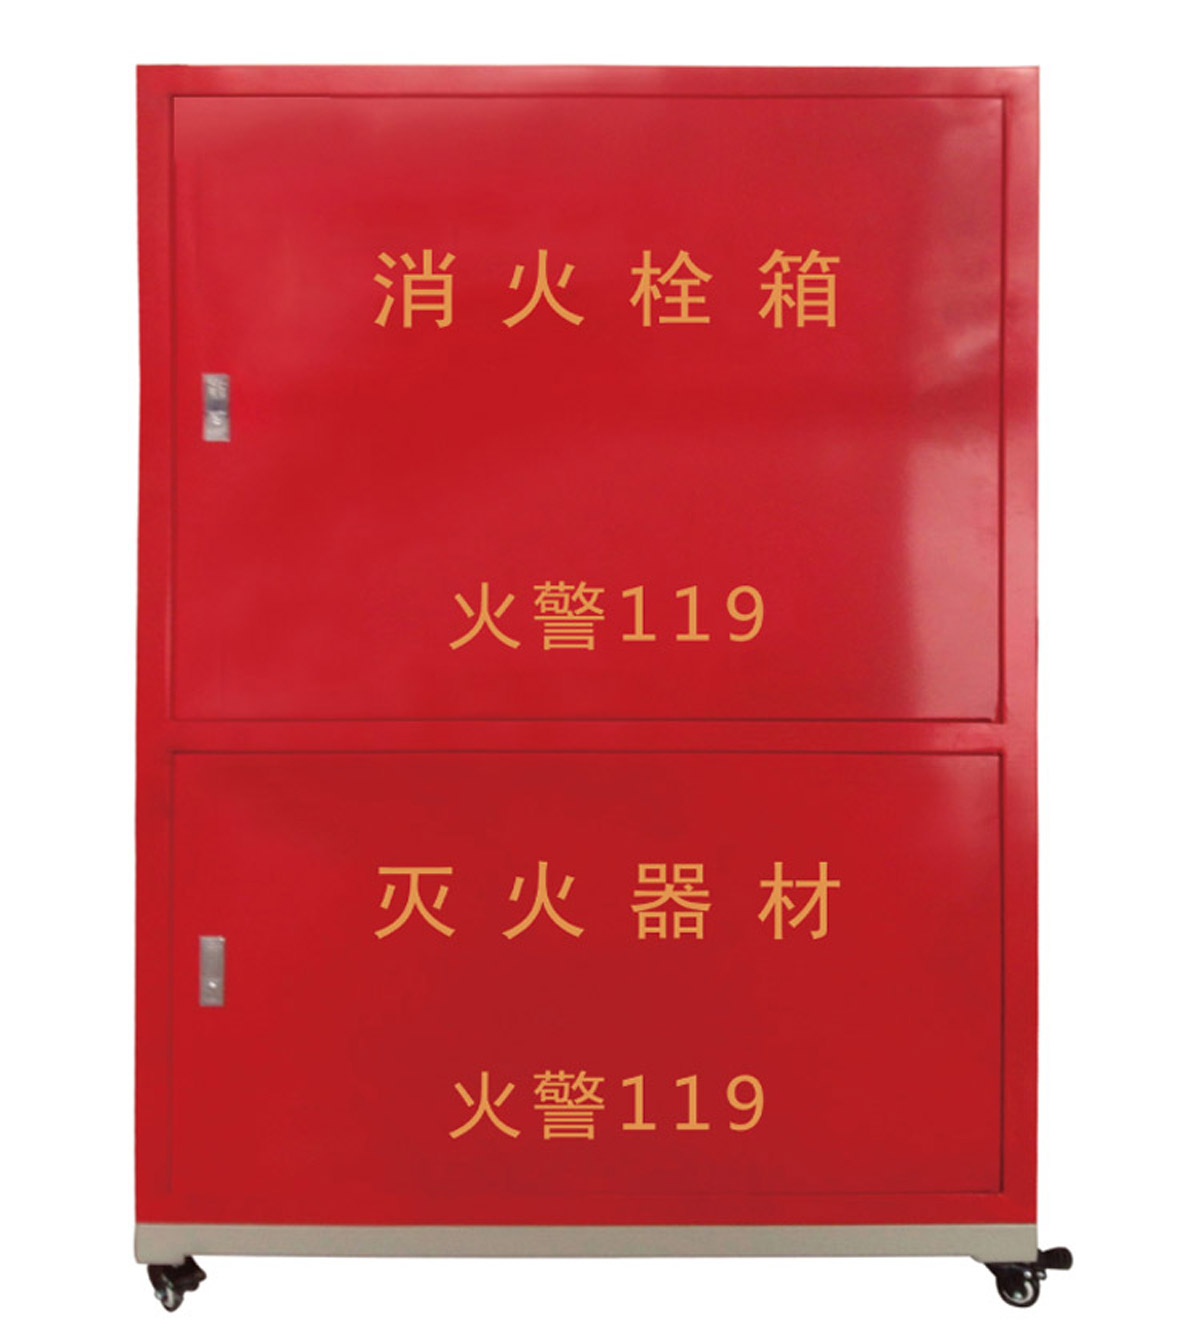 丰宁满族自治县AR戒毒消火栓灭火演练装置